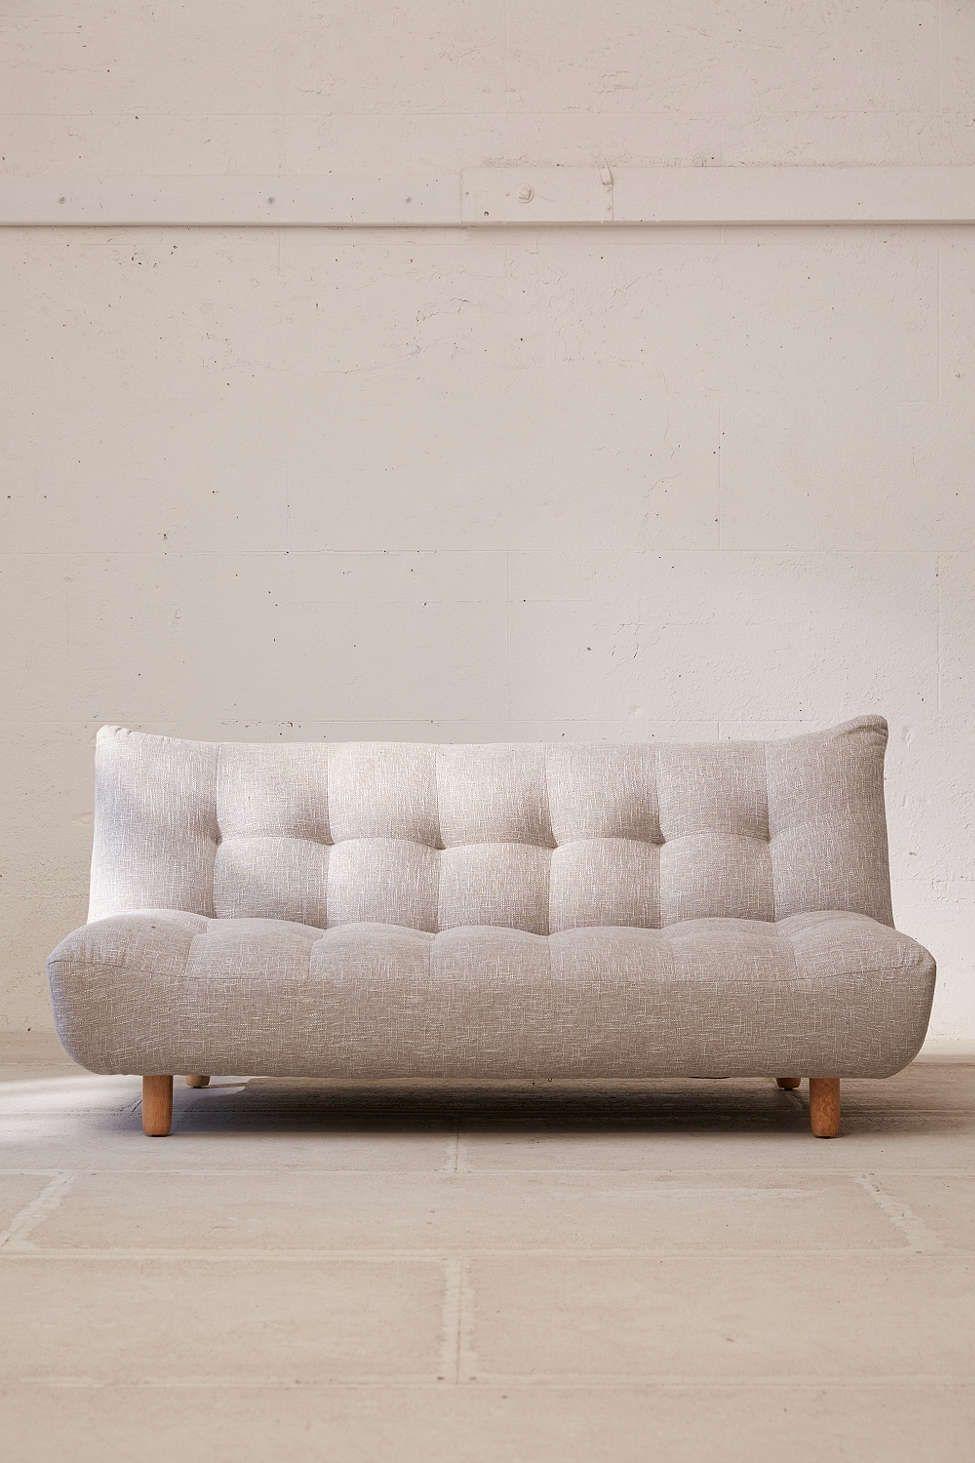 Winslow Sleeper Sofa Sleeper Sofa Sofa Love Seat